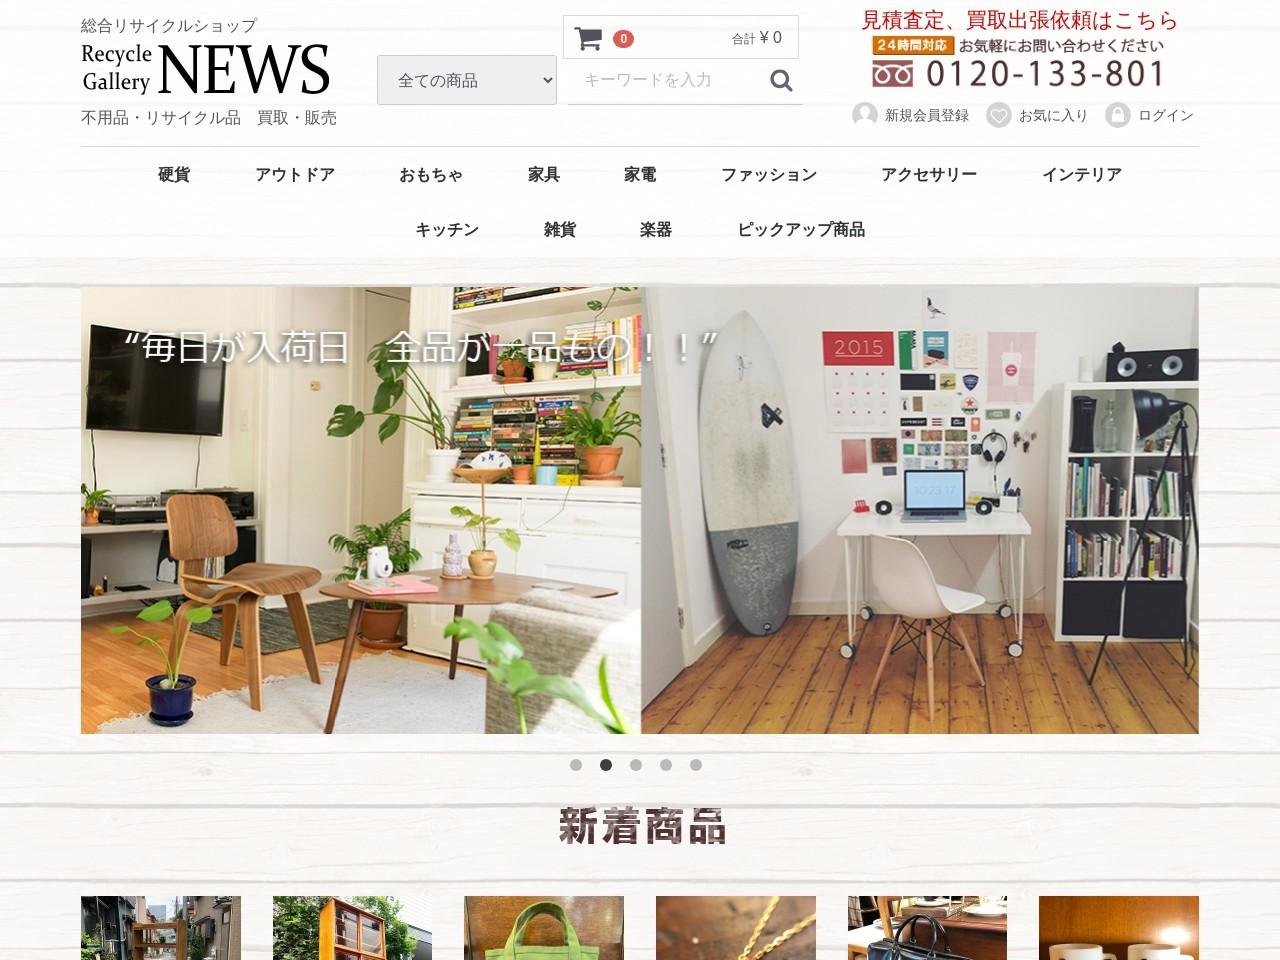 総合リサイクルショップ RecycleGallery NEWS